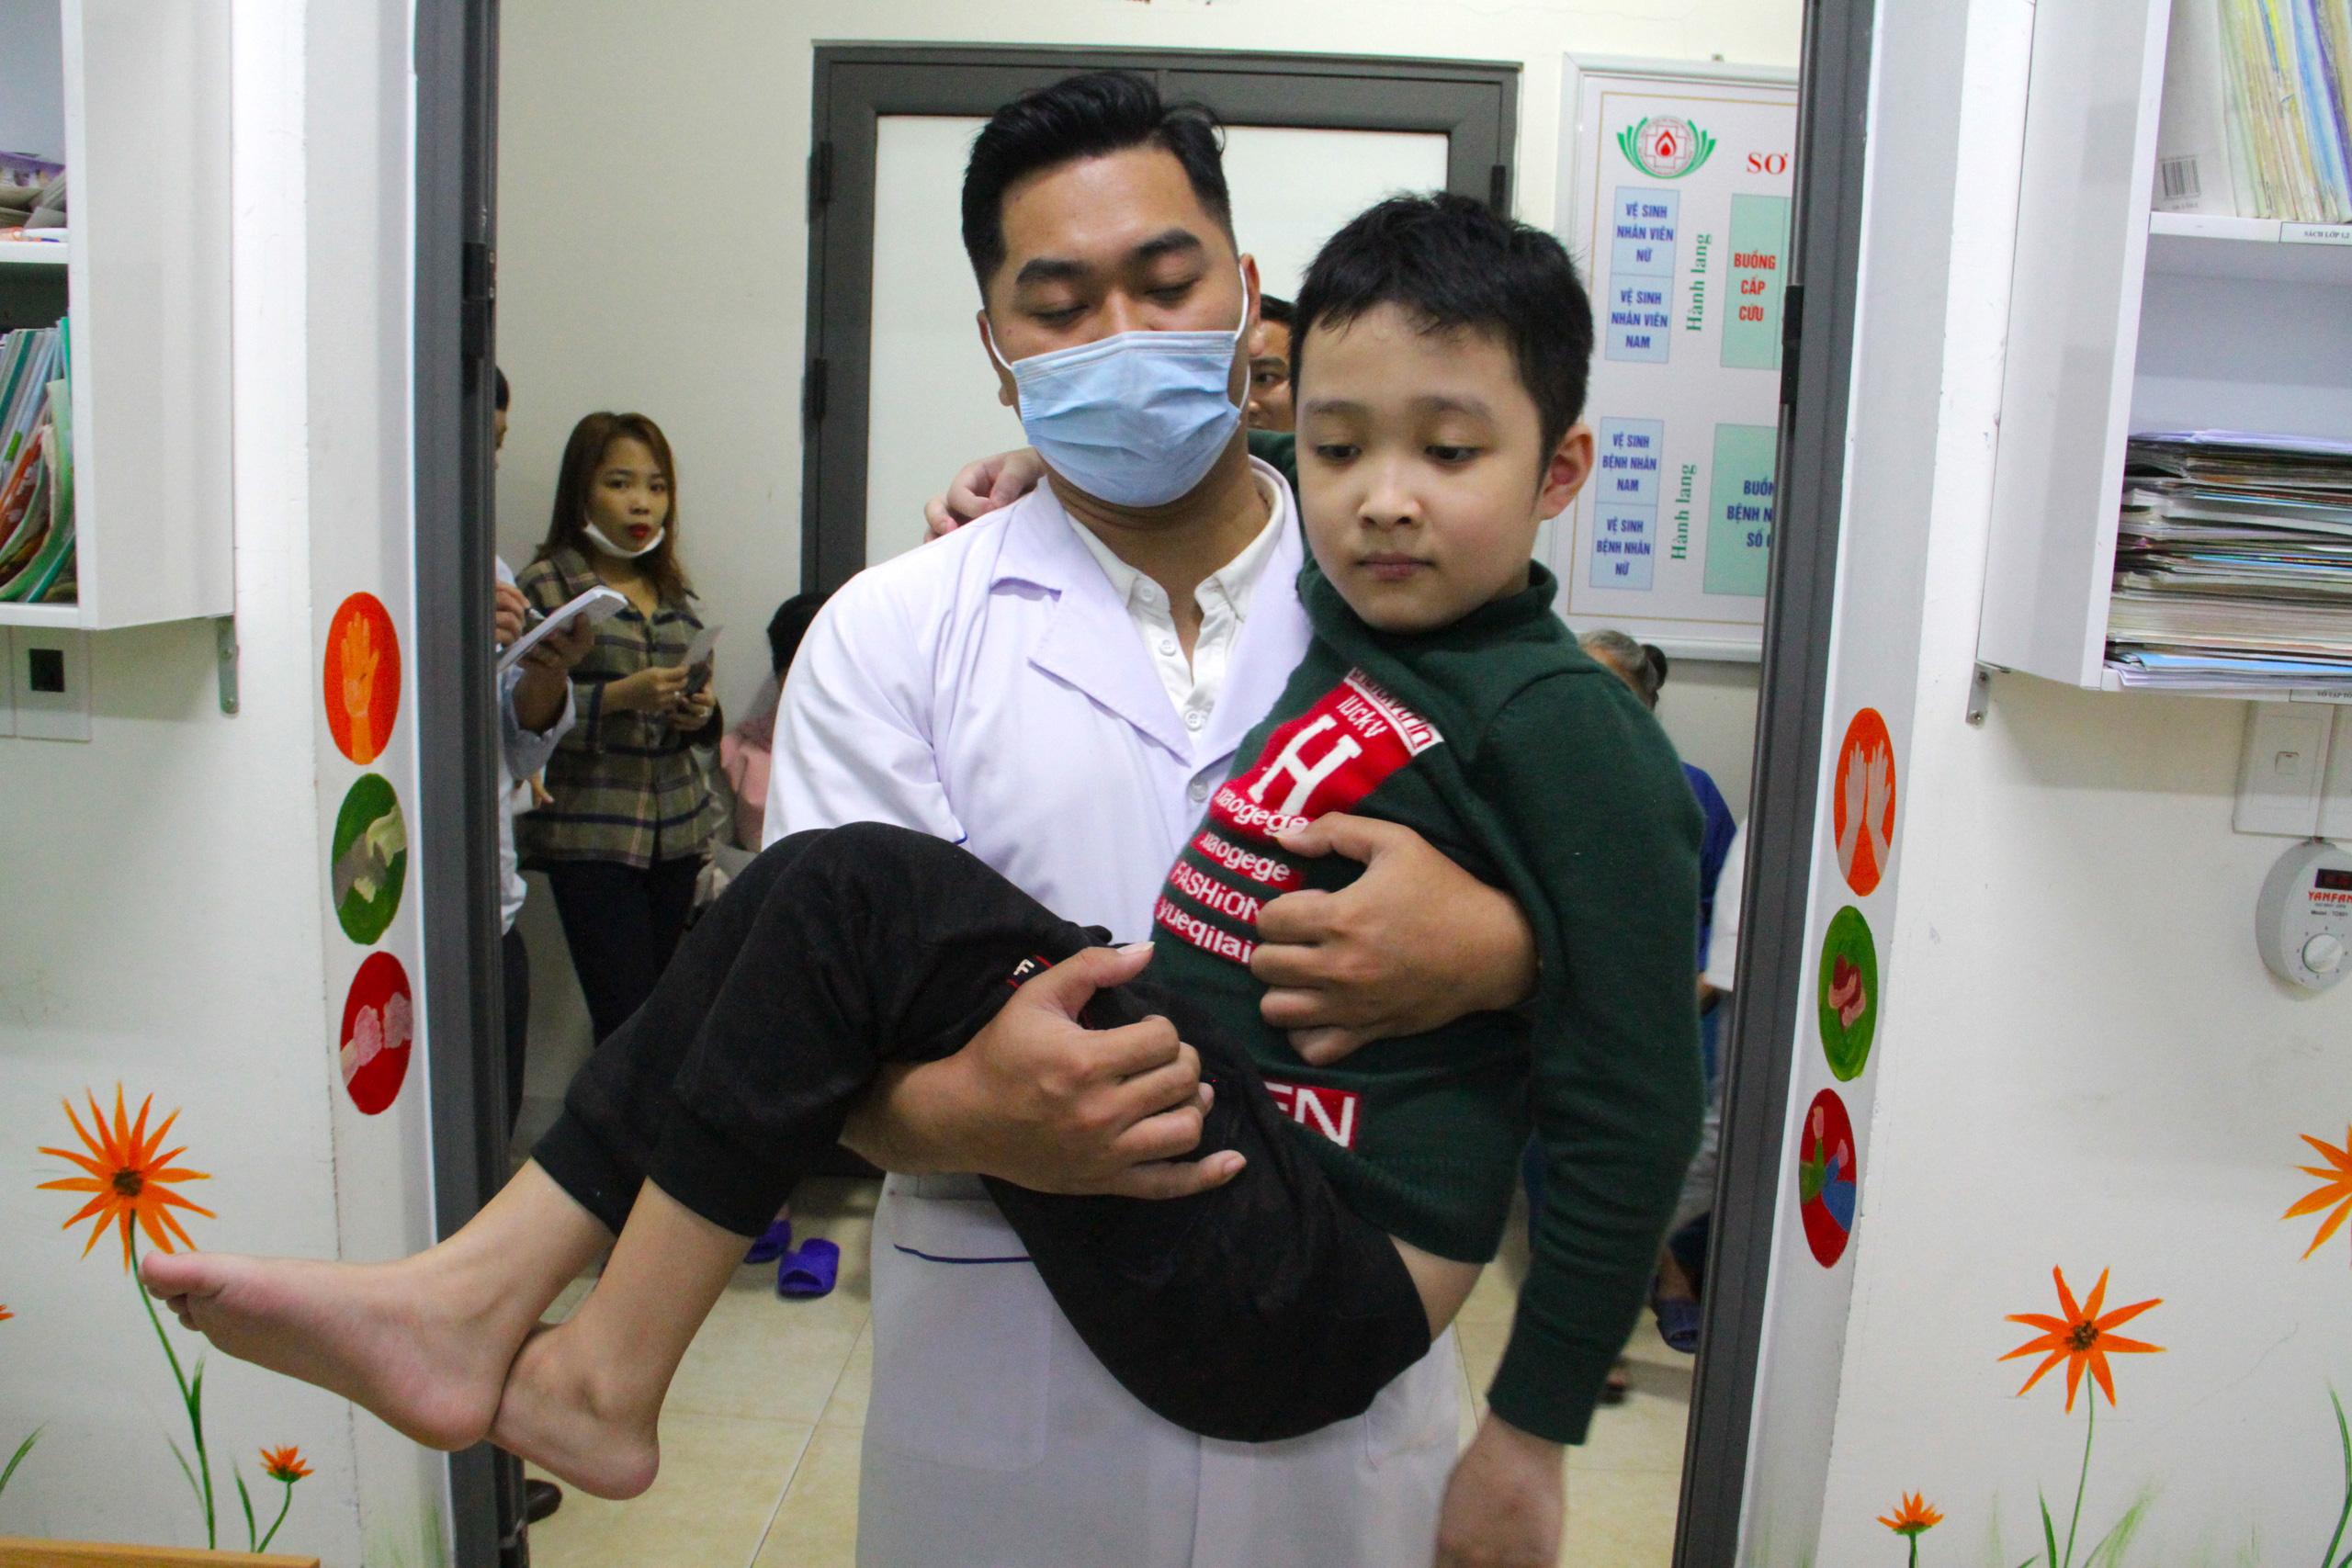 Lớp học đặc biệt trong trung tâm truyền máu, thầy cô là những người khoác áo blouse trắng - Ảnh 10.